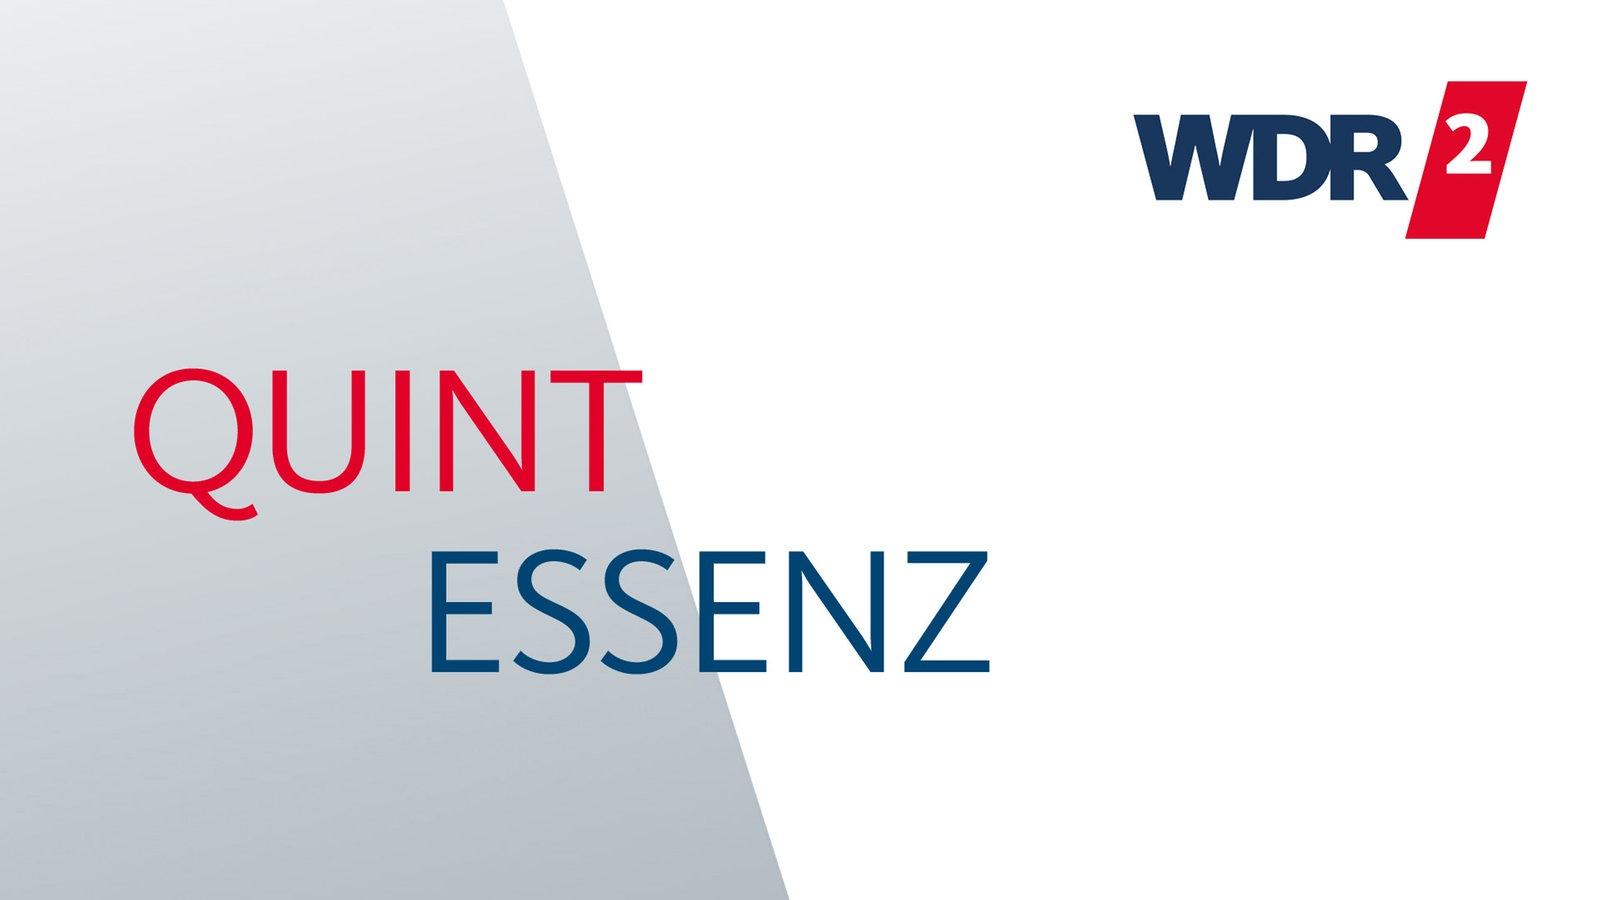 Wdr2,De